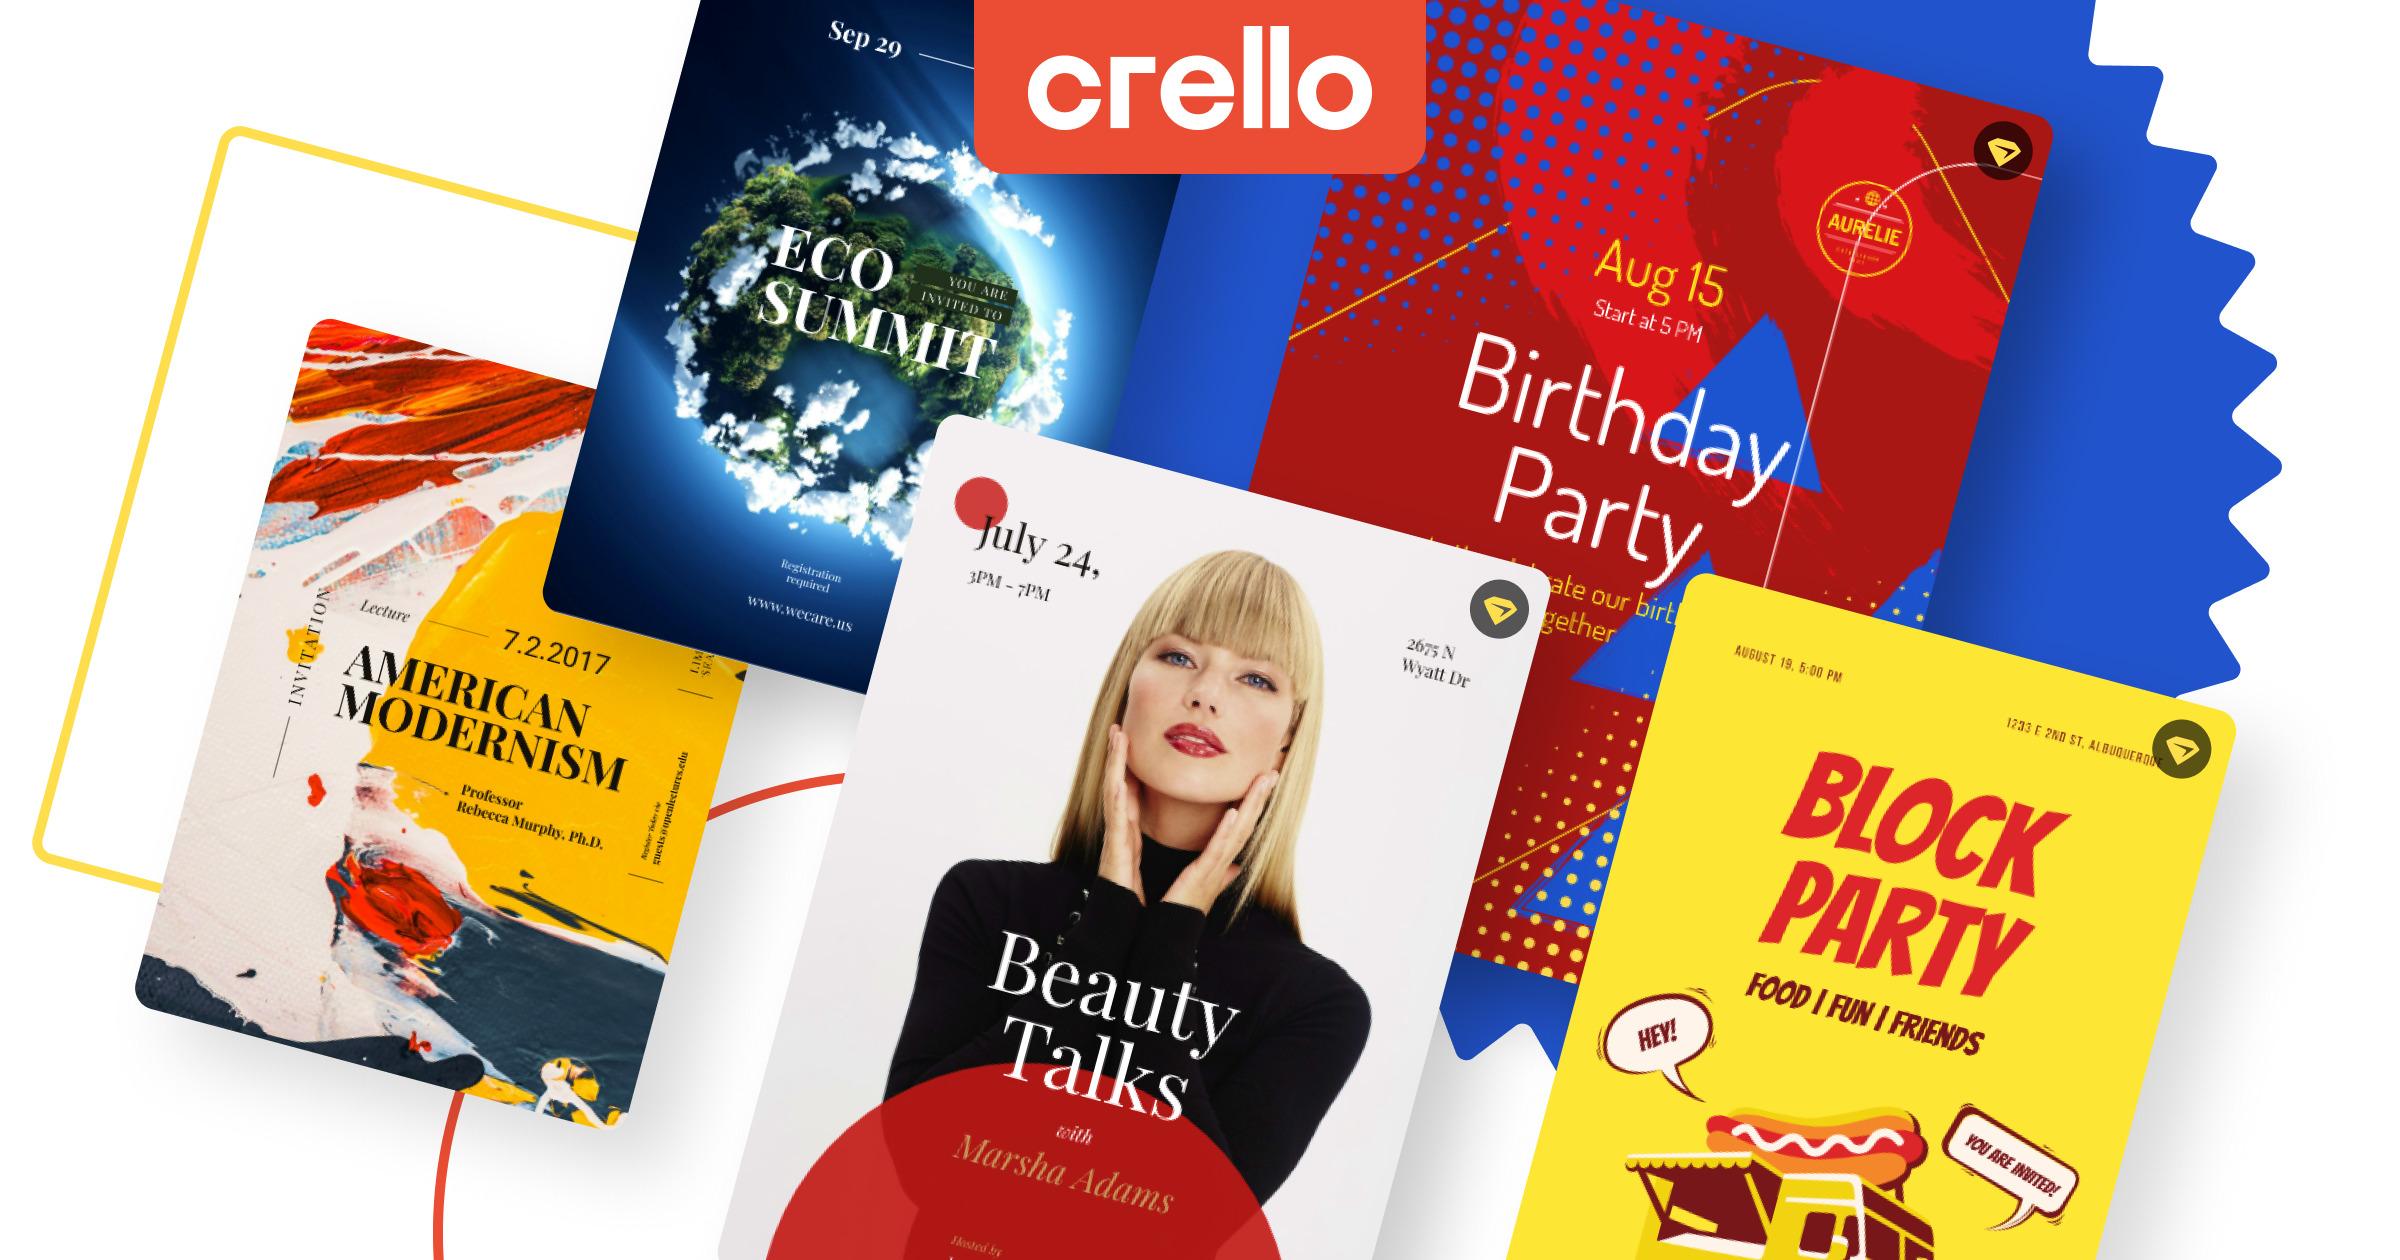 Createur D Invitations Gratuit En Ligne Modeles De Cartes D Invitation Crello